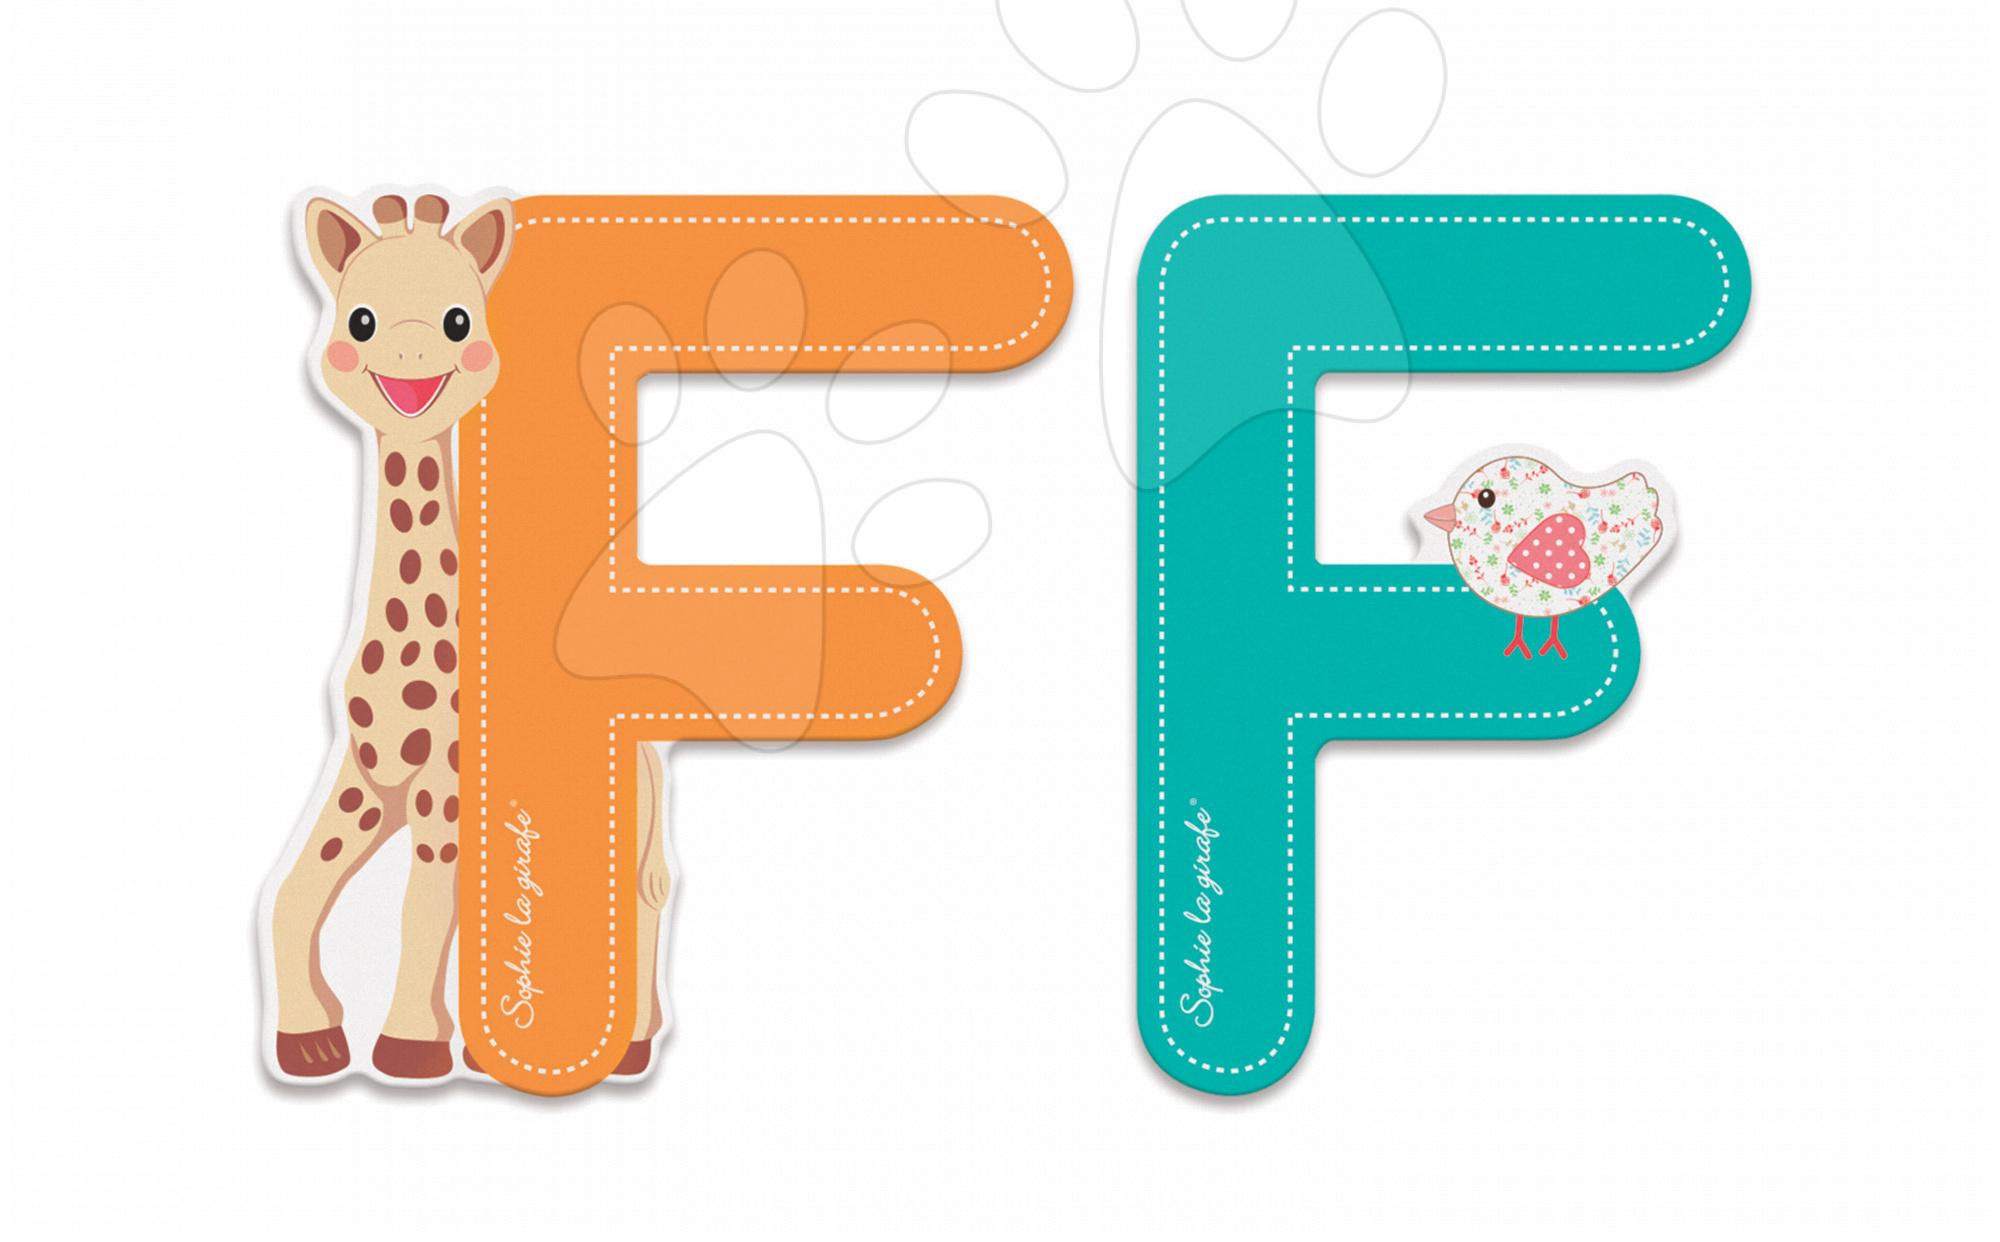 Dekorácie do detských izieb - Drevené písmeno F Sophie The Giraffe Janod lepiace 7 cm oranžové/tyrkysové od 3 rokov